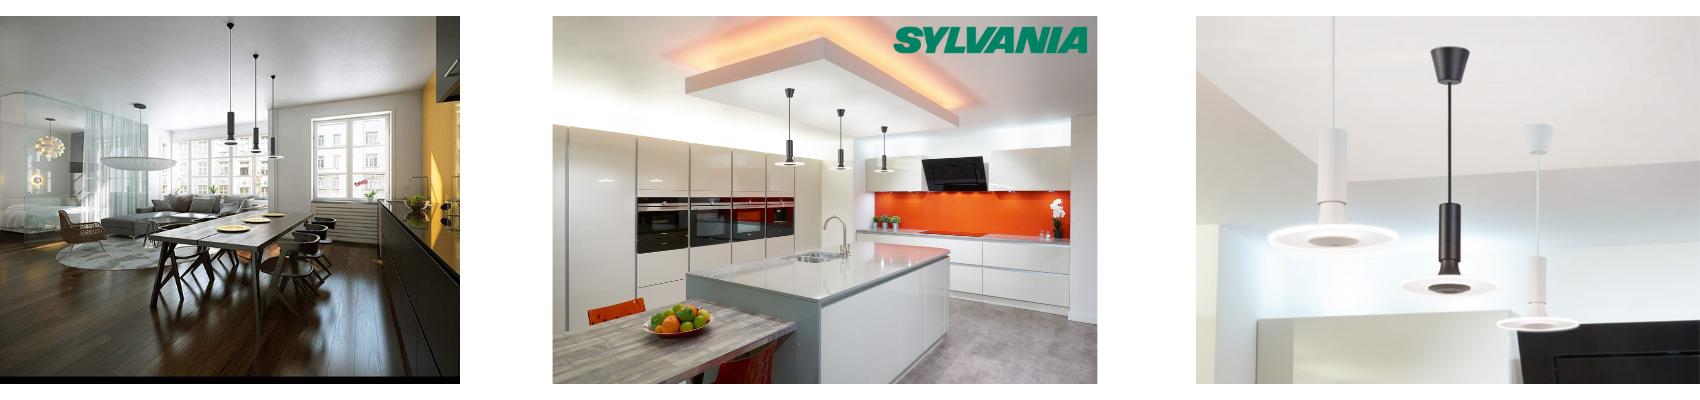 Sylvania Radiance LED